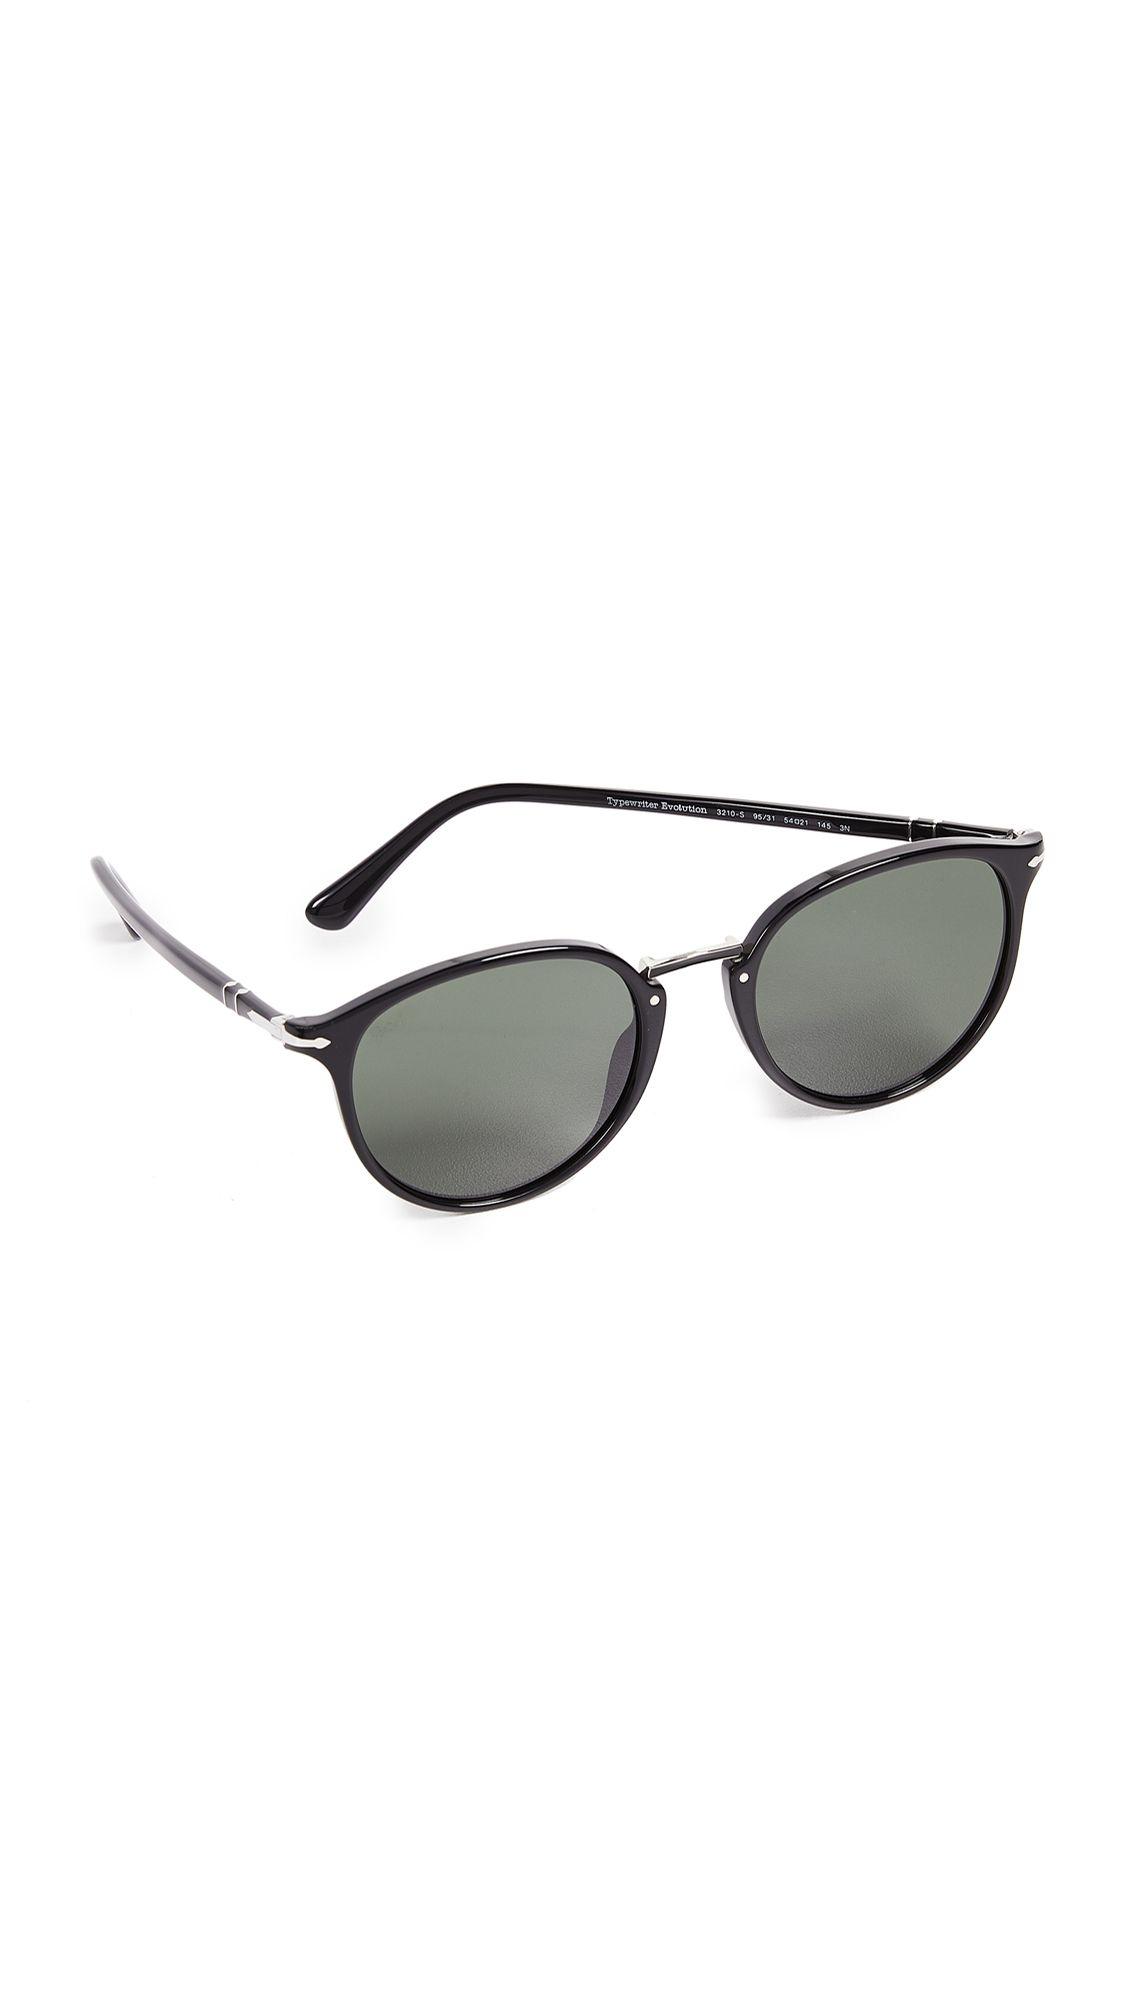 428a6891e539 PERSOL PO3210S SUNGLASSES. #persol # | Persol in 2019 | Sunglasses ...